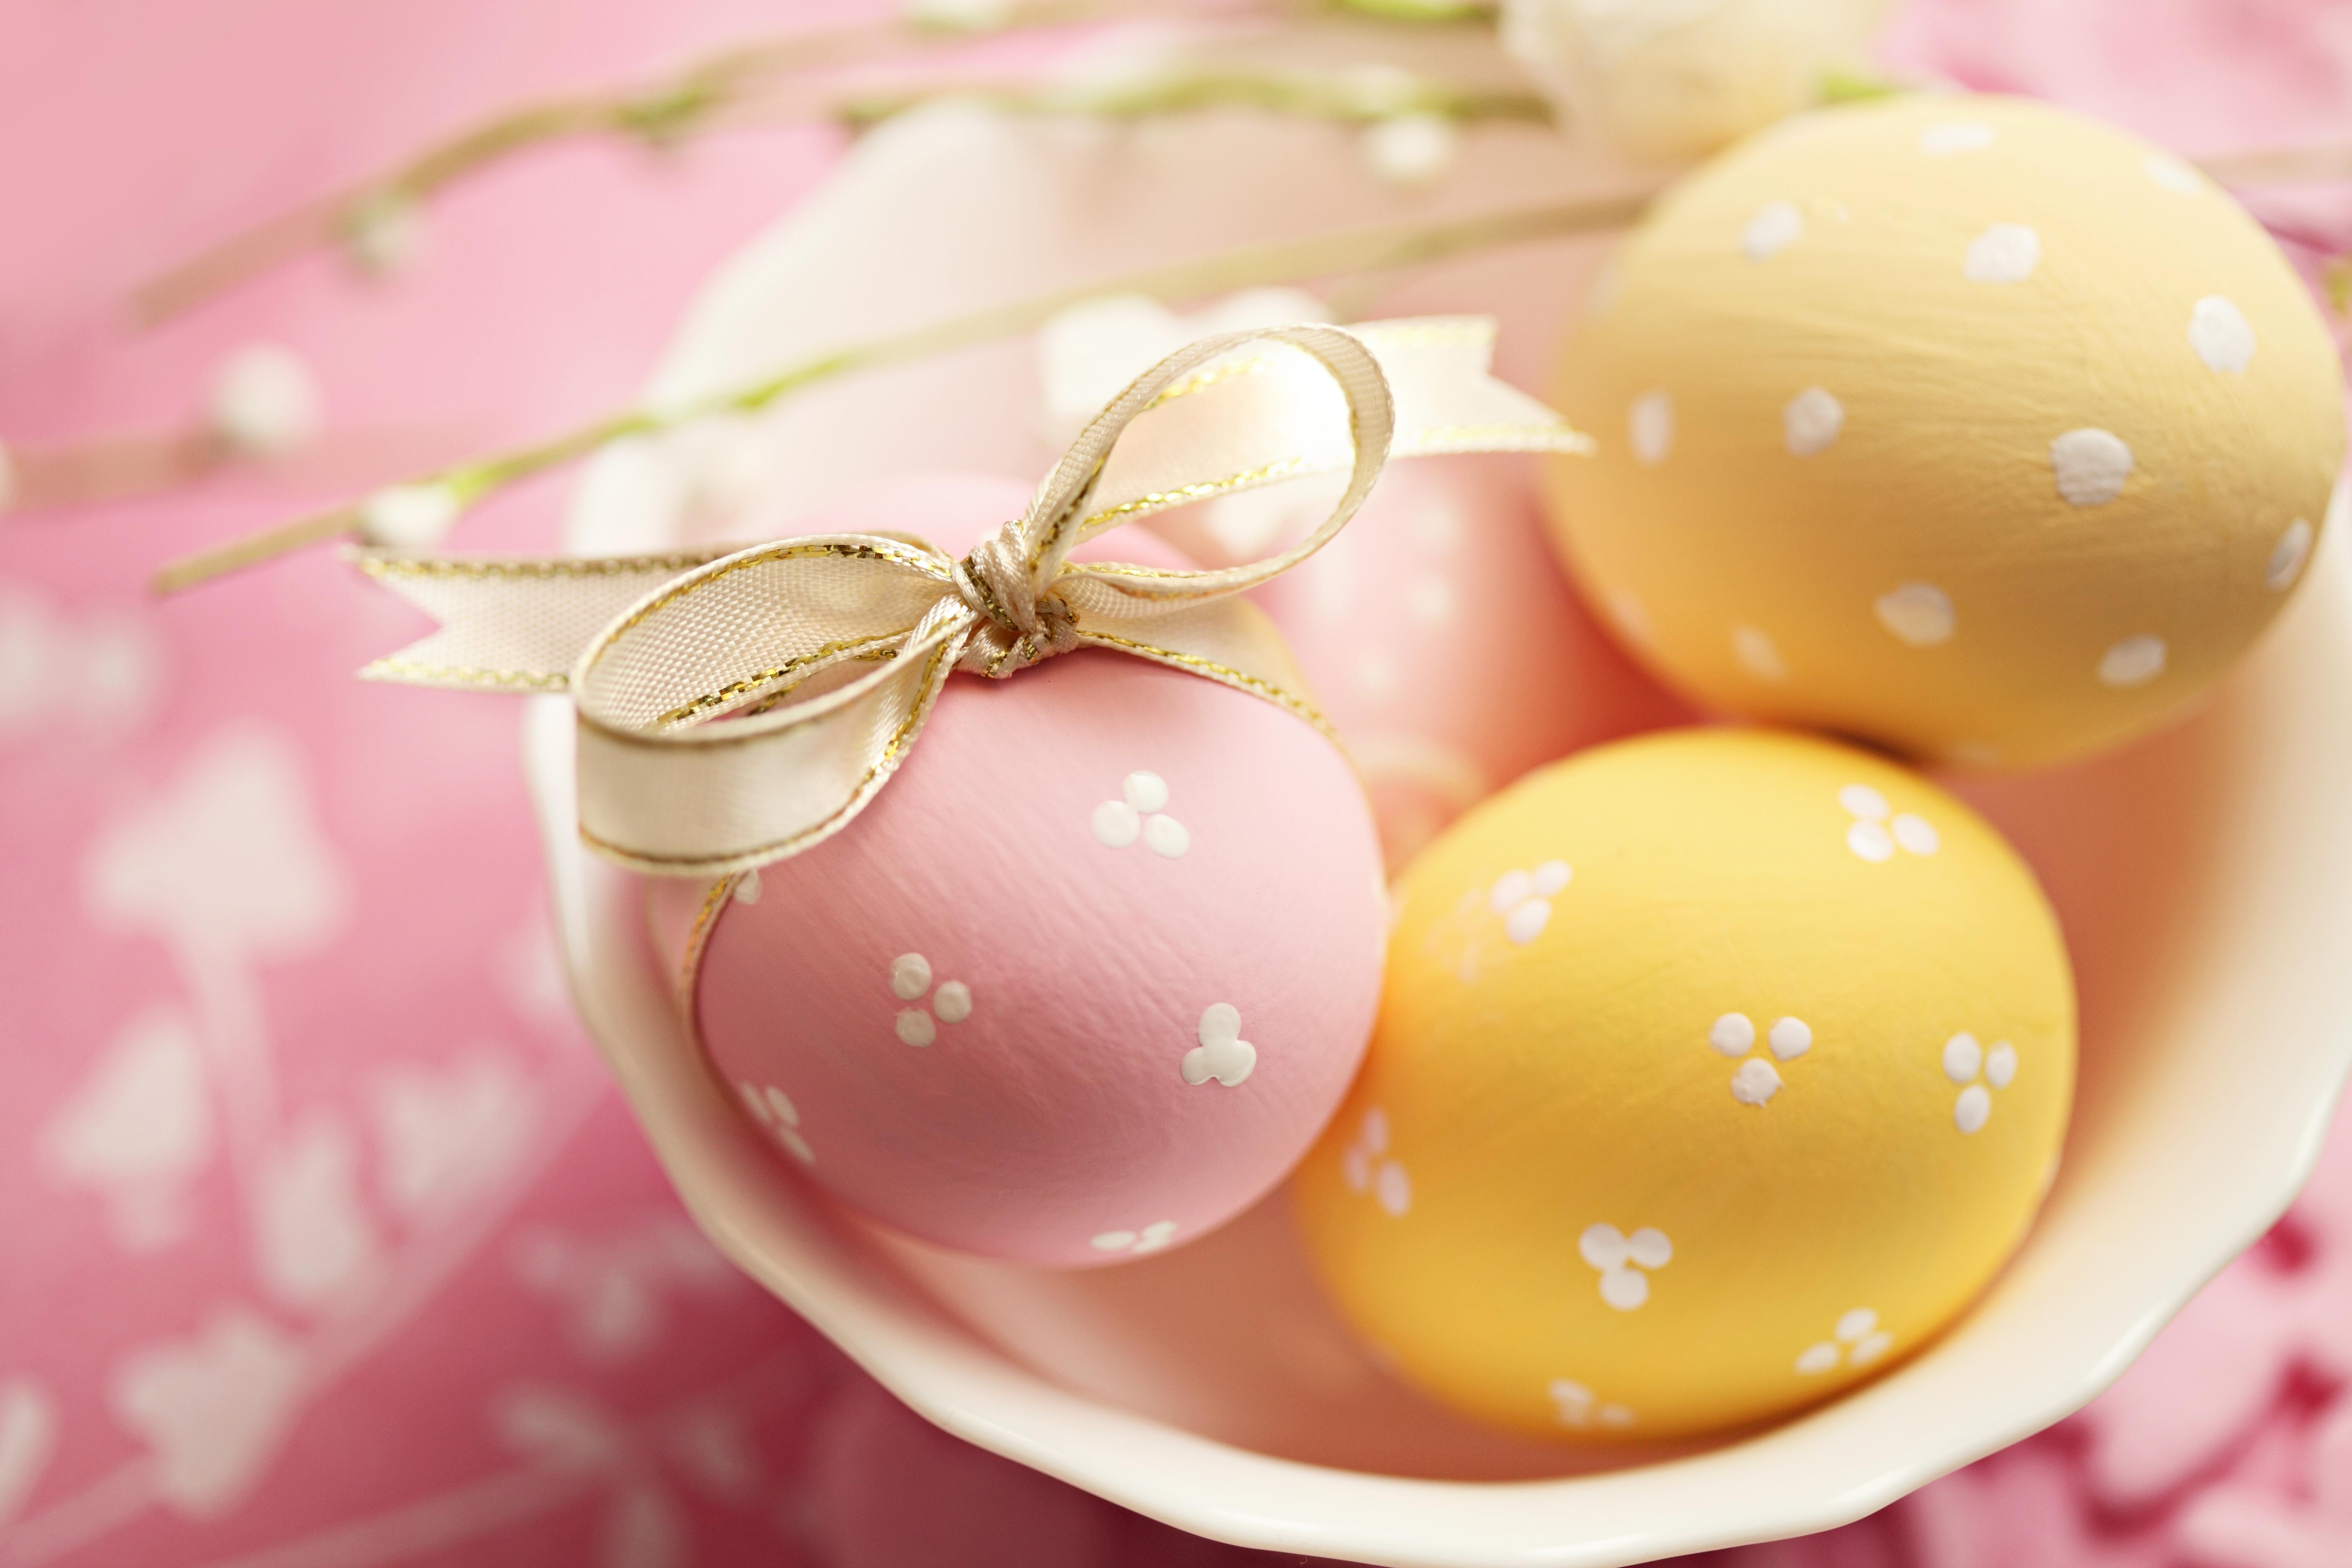 яйца пасха eggs Easter бесплатно